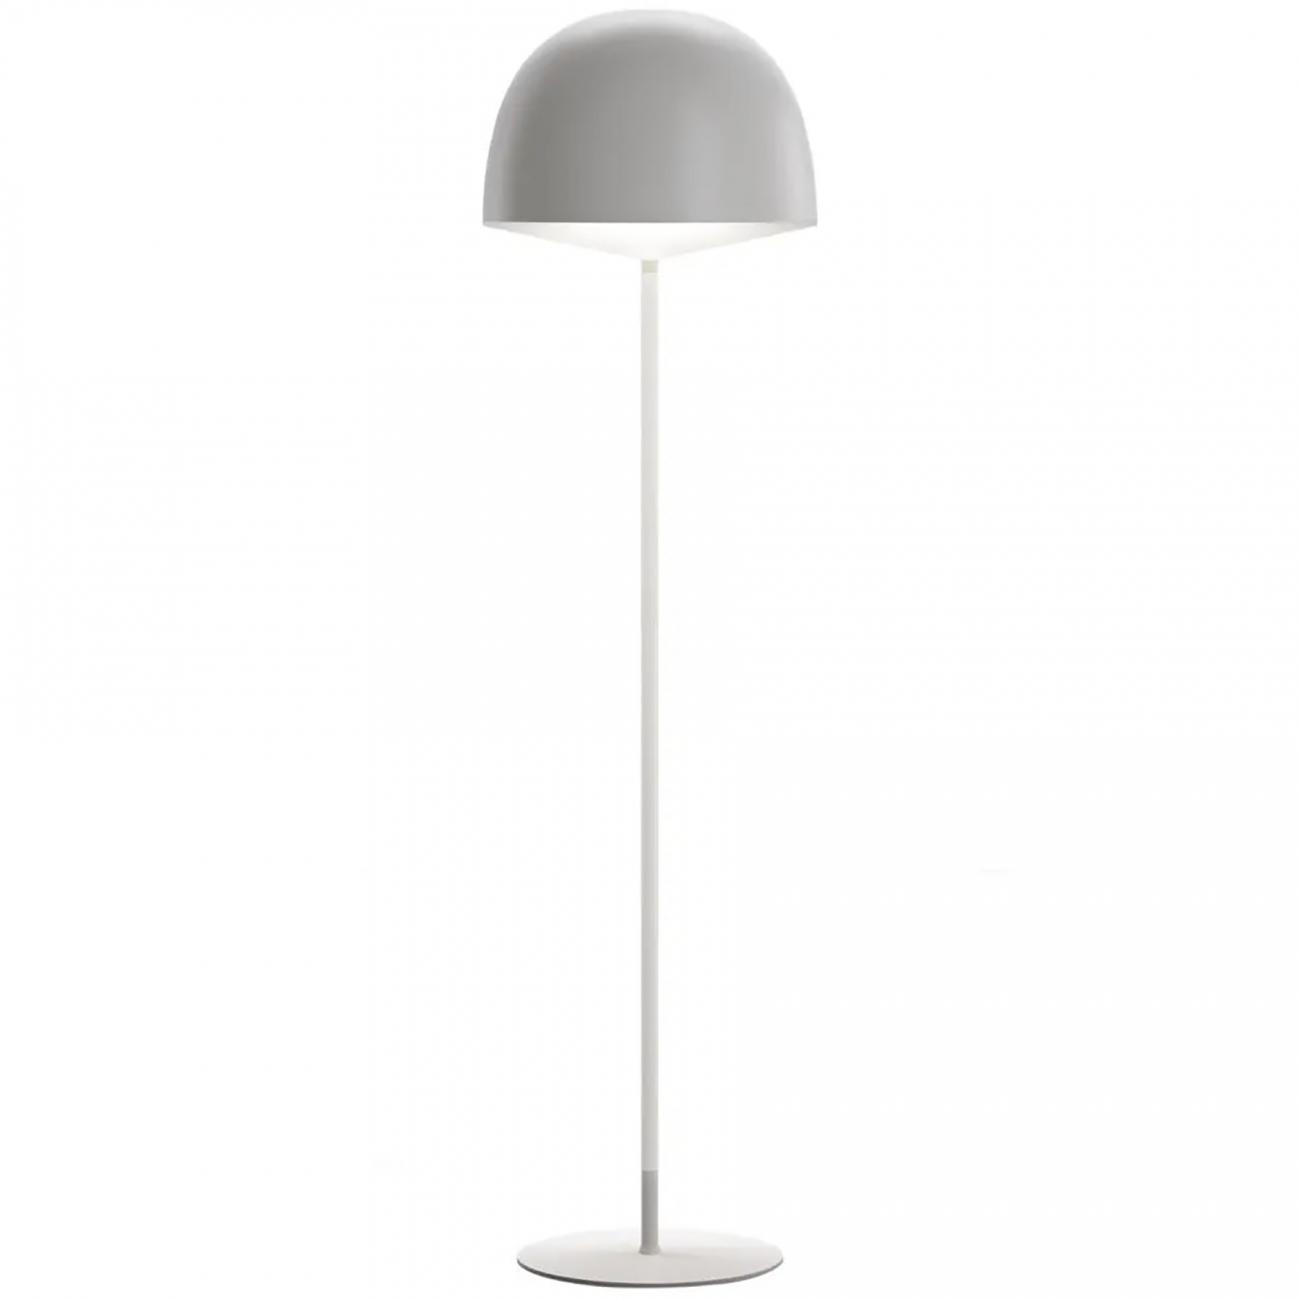 FontanaArte CHESHIRE floor lamp